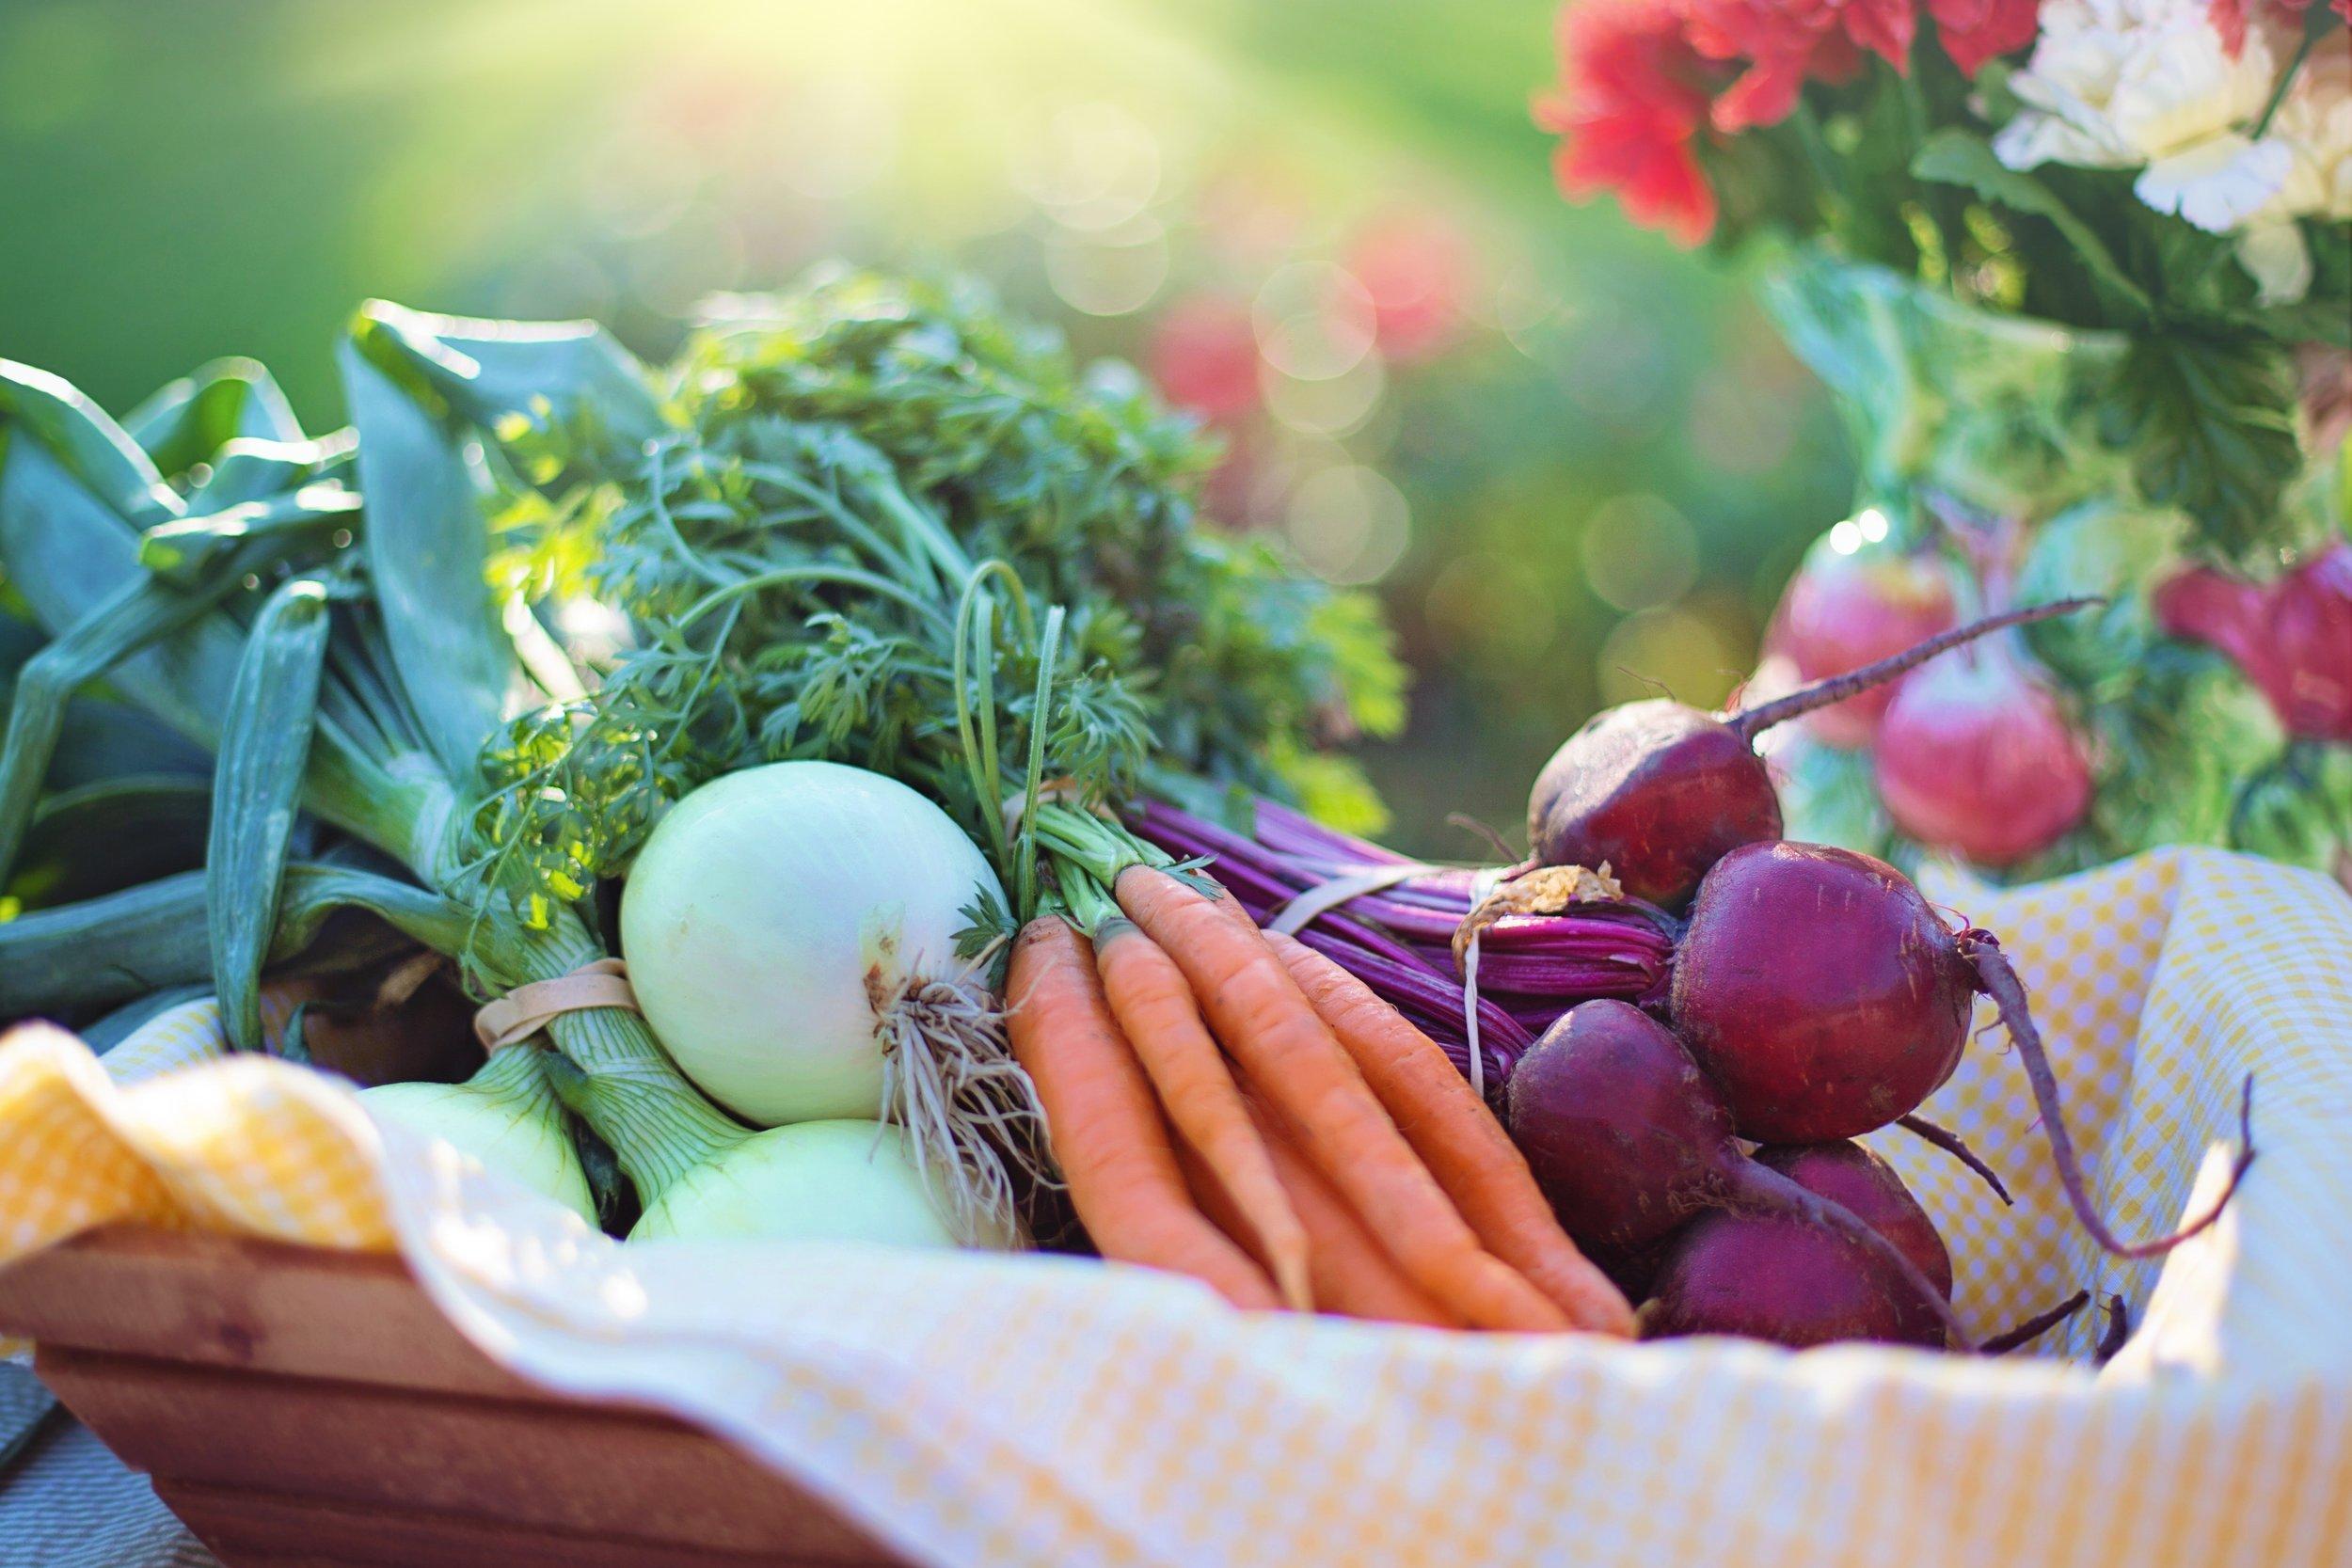 agriculture-basket-beets-.jpg